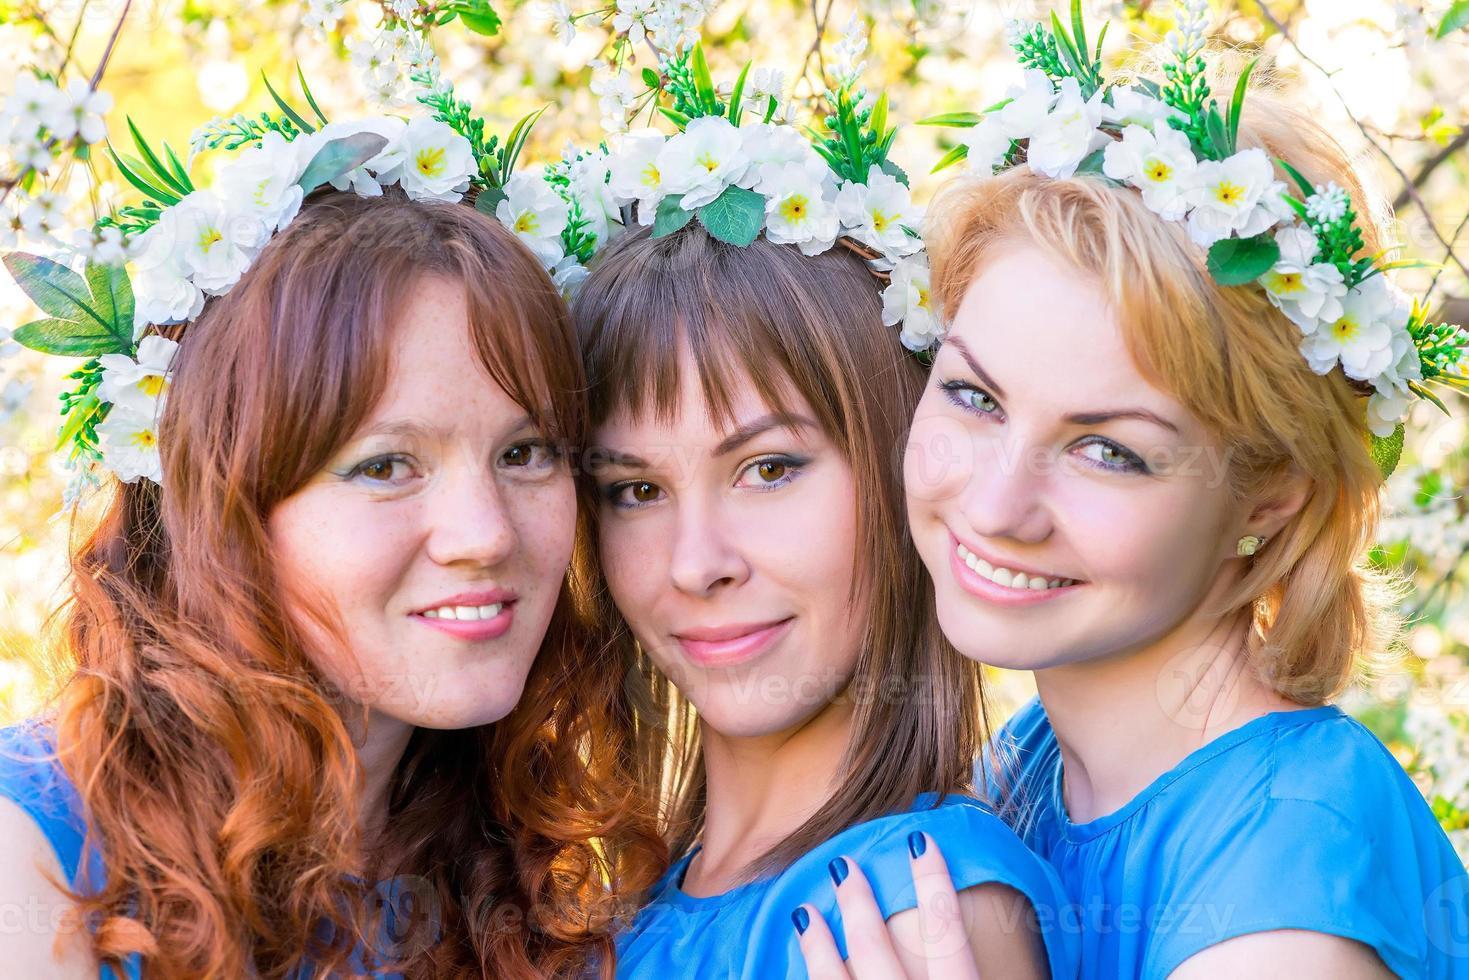 drei Mädchen 30 Jahre mit Kränzen auf dem Kopf foto